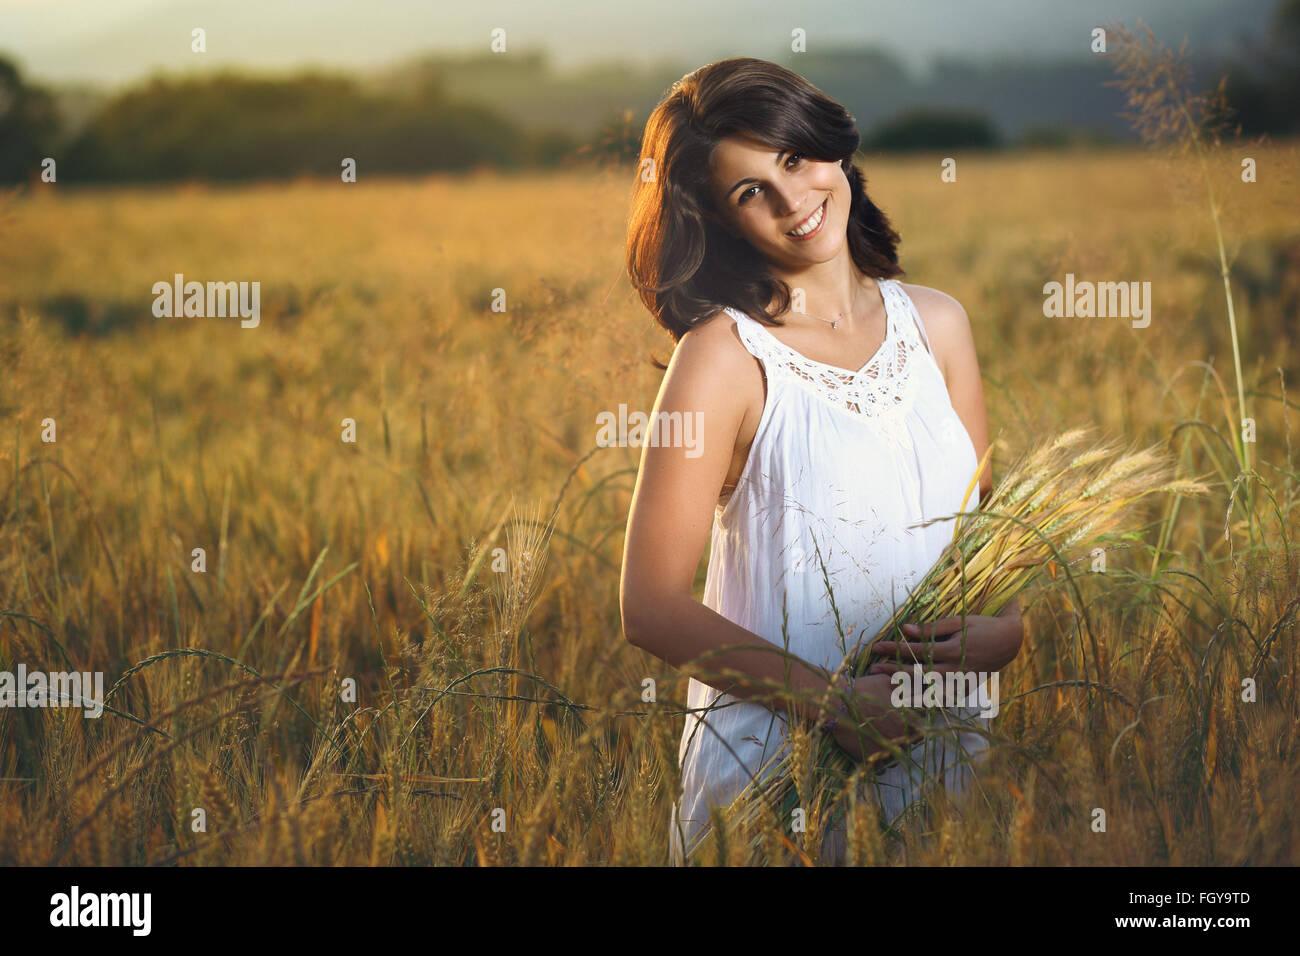 Wunderschöne lächelnde Frau in einem goldenen Feld bei Sonnenuntergang. Sommer-Saison-Porträt Stockbild